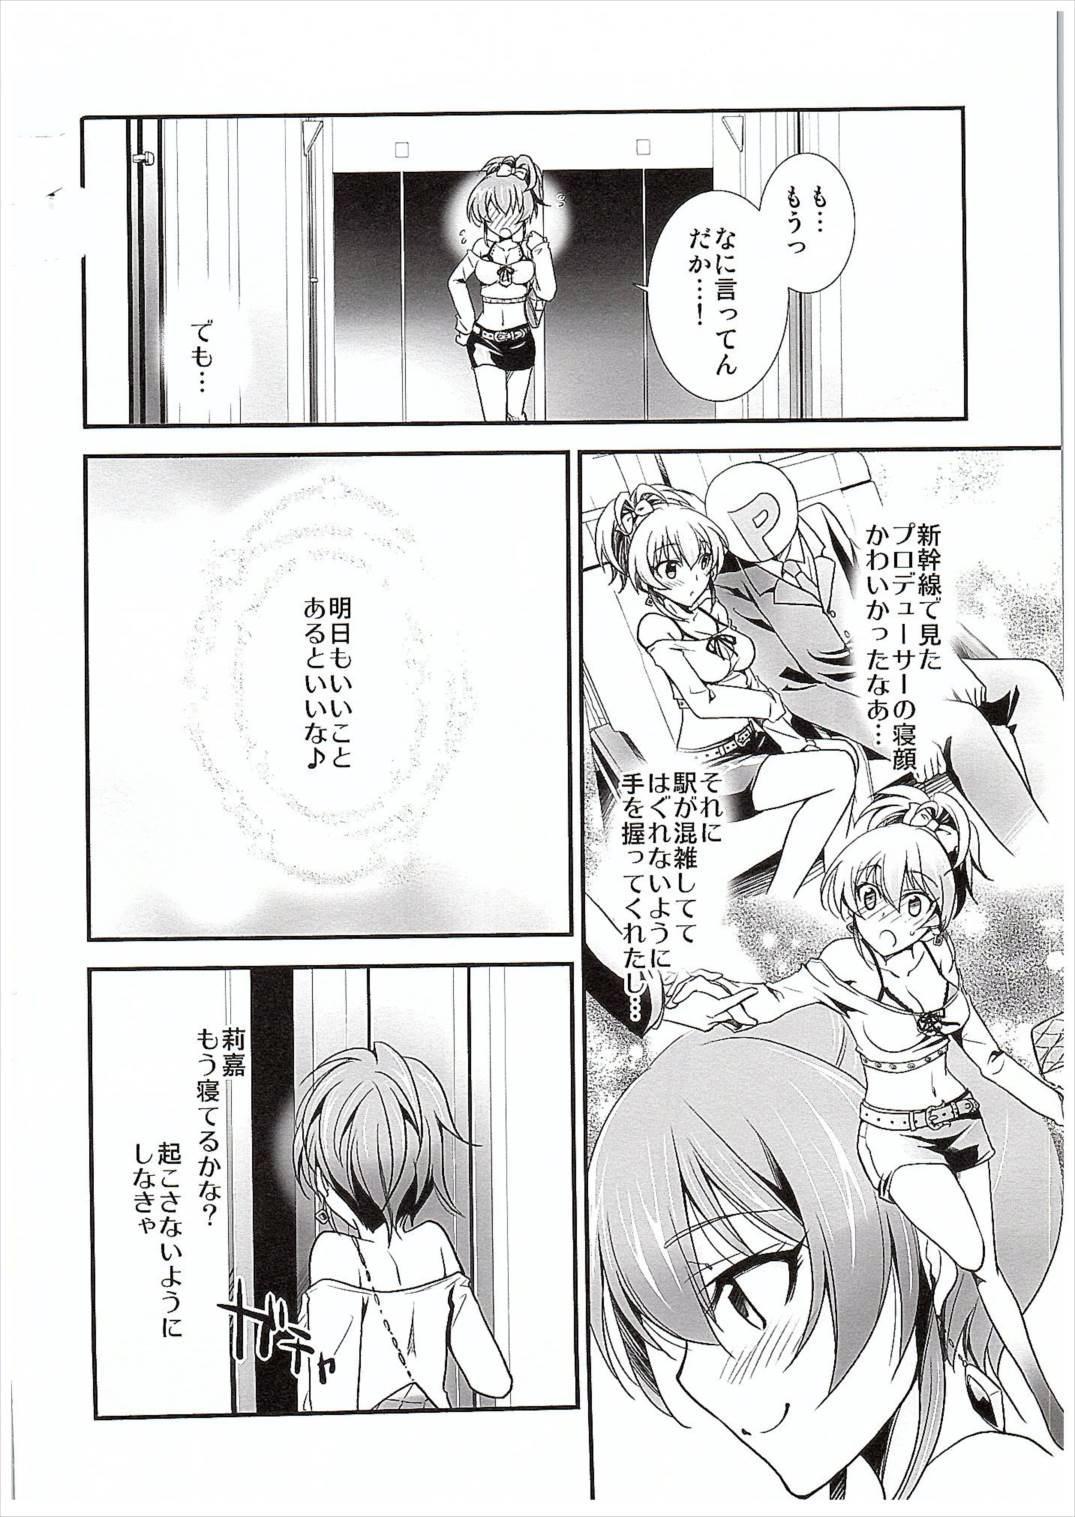 Atashi→P×Imouto 2